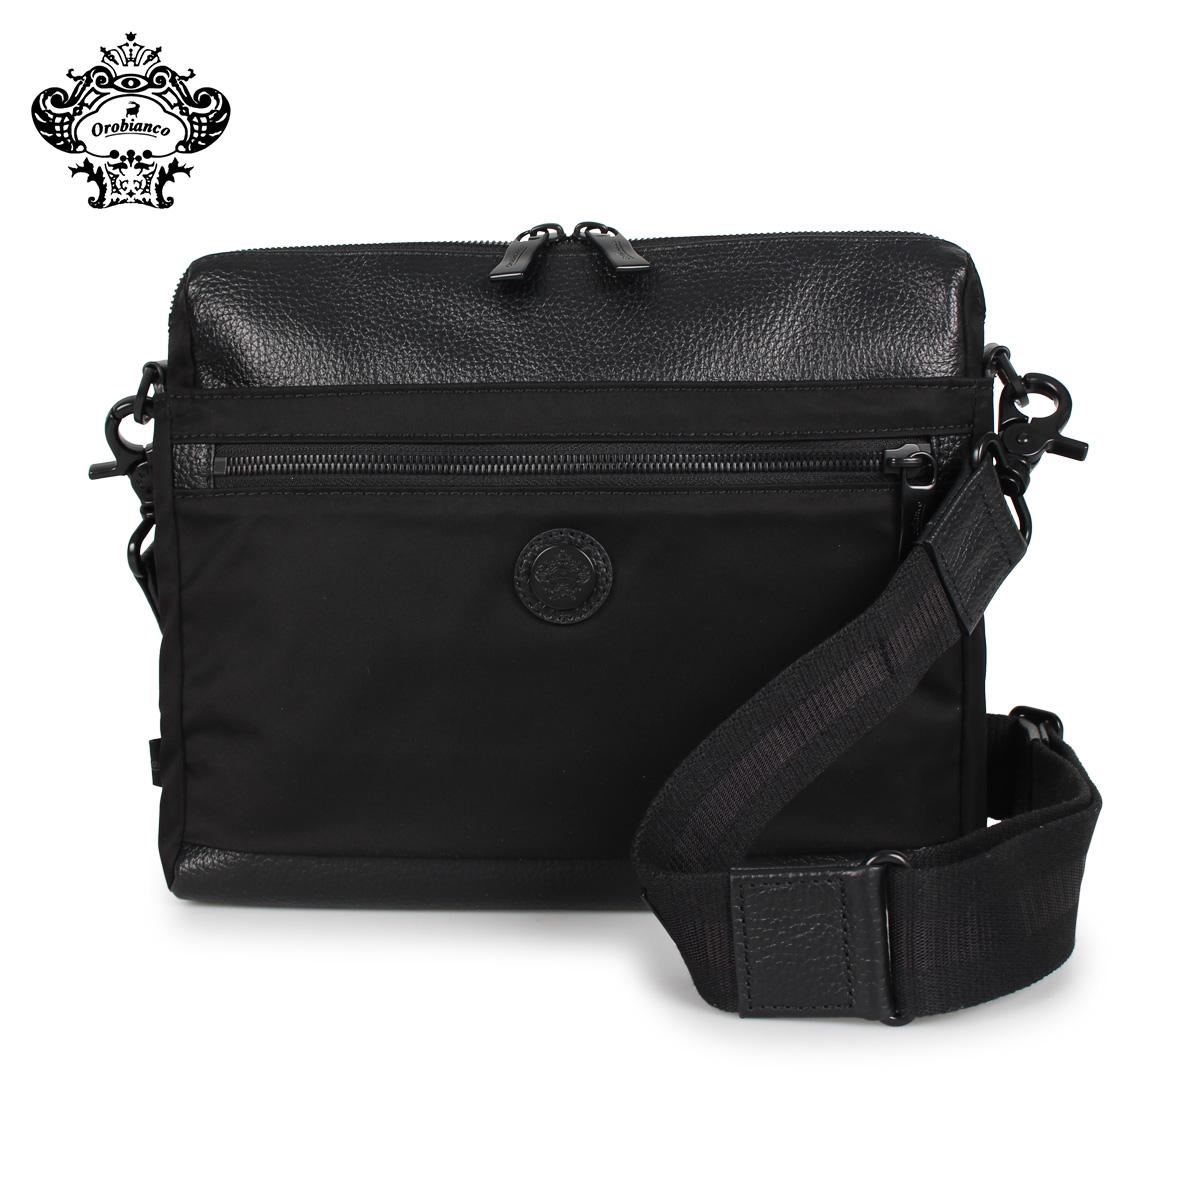 Orobianco オロビアンコ バッグ ショルダーバッグ メンズ SARANGINO-G 01 ALL BLACK ブラック 黒 92198